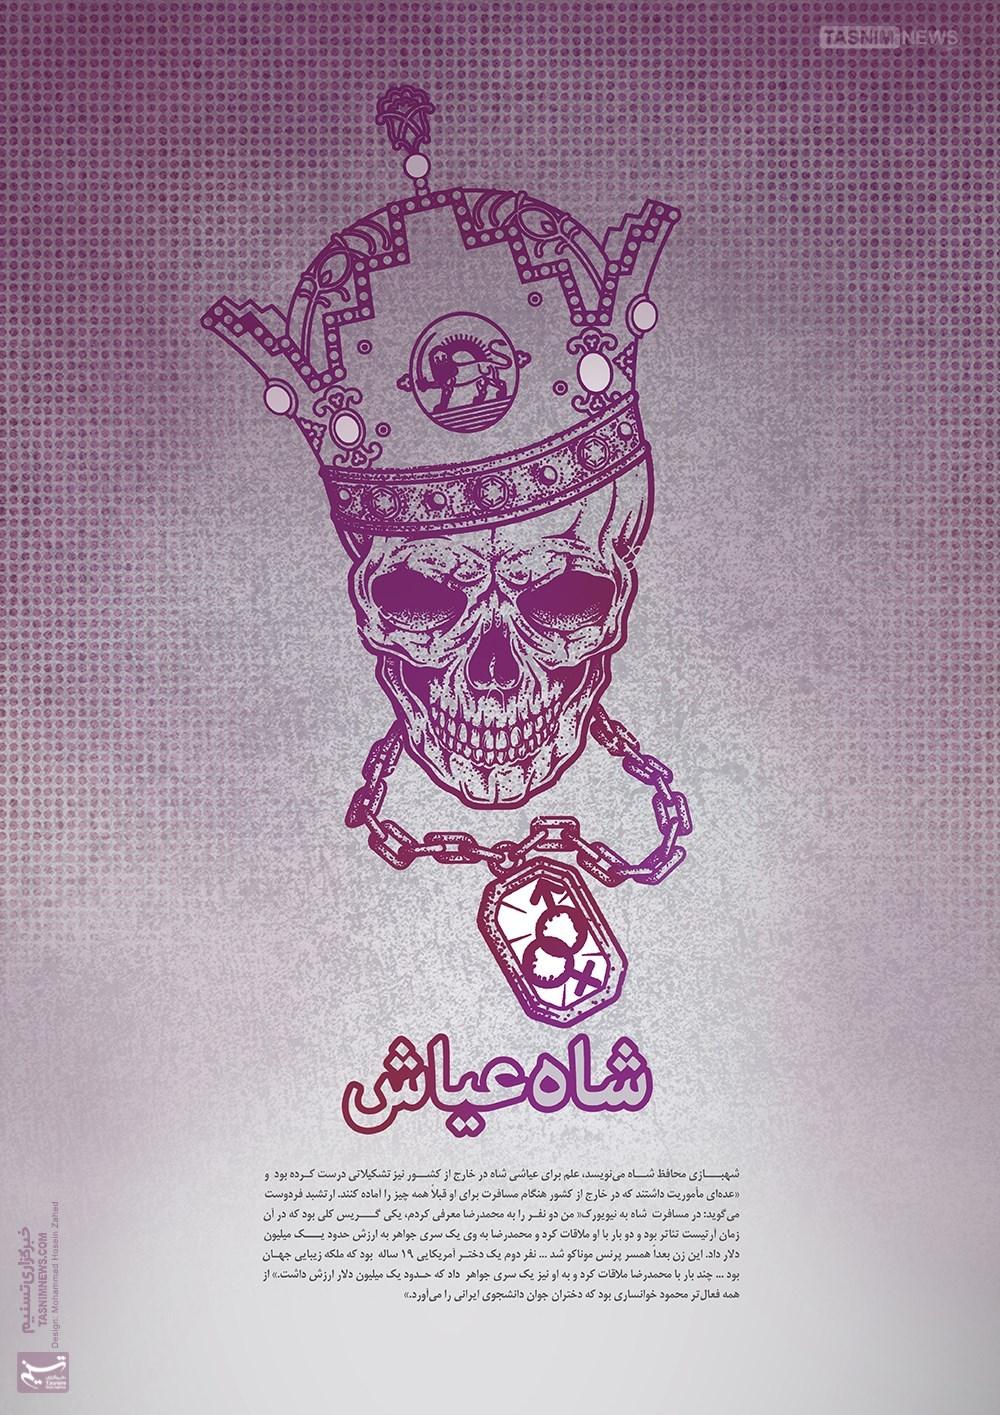 پوستر فساد اخلاقی شاه